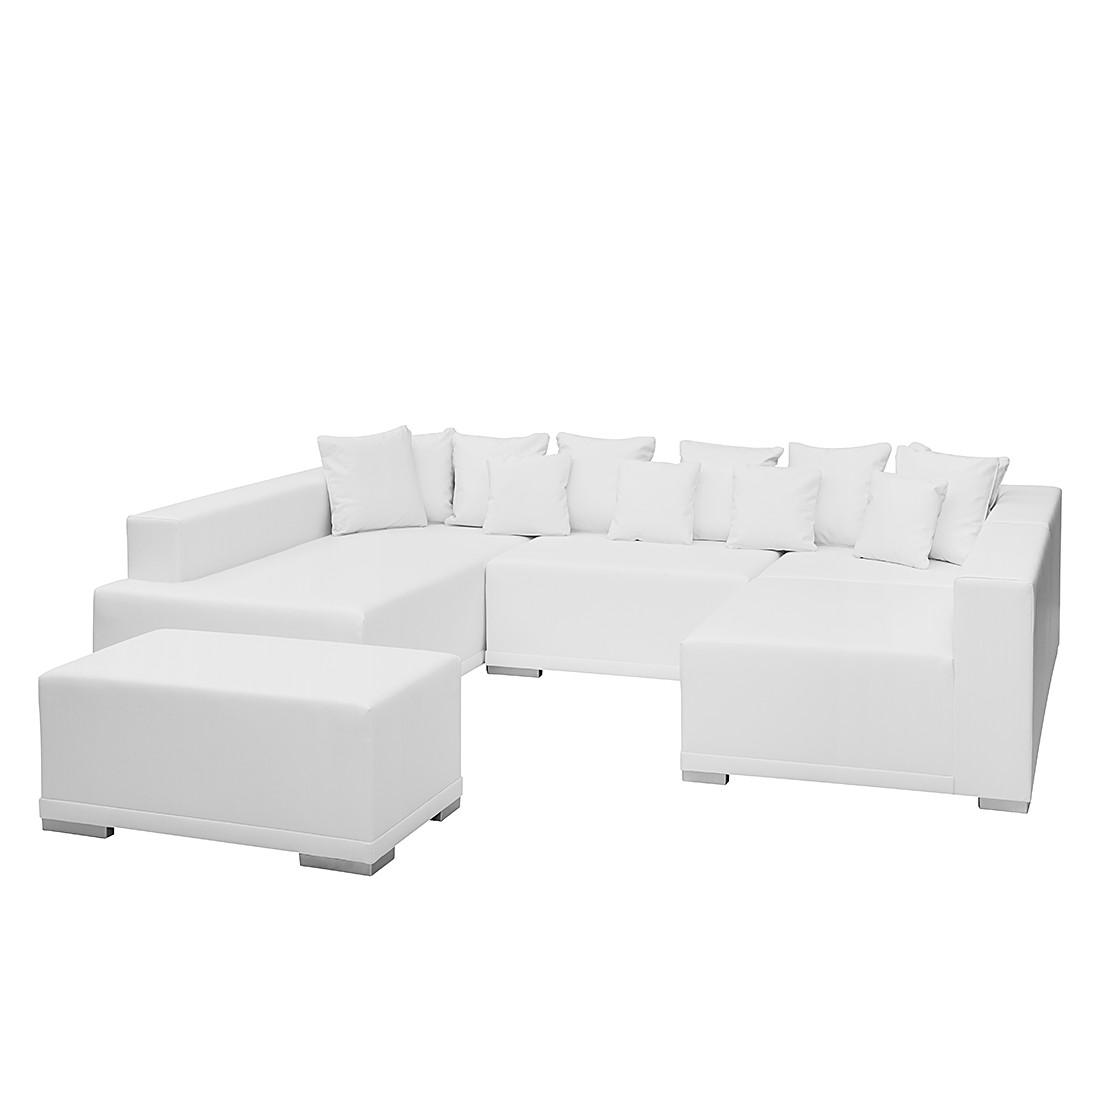 Canapé modulable Neo (avec repose-pieds) - Cuir synthétique blanc - Méridienne à gauche, mooved